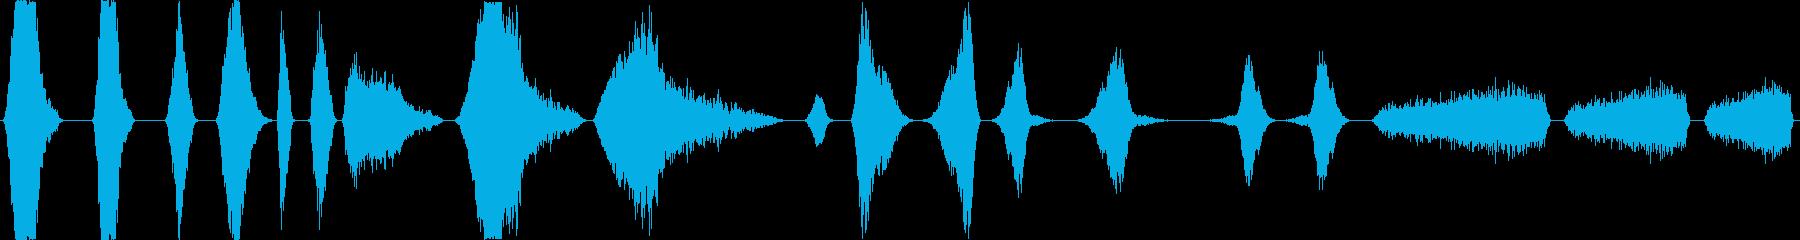 さまざまな異星の実体が通り過ぎる、...の再生済みの波形